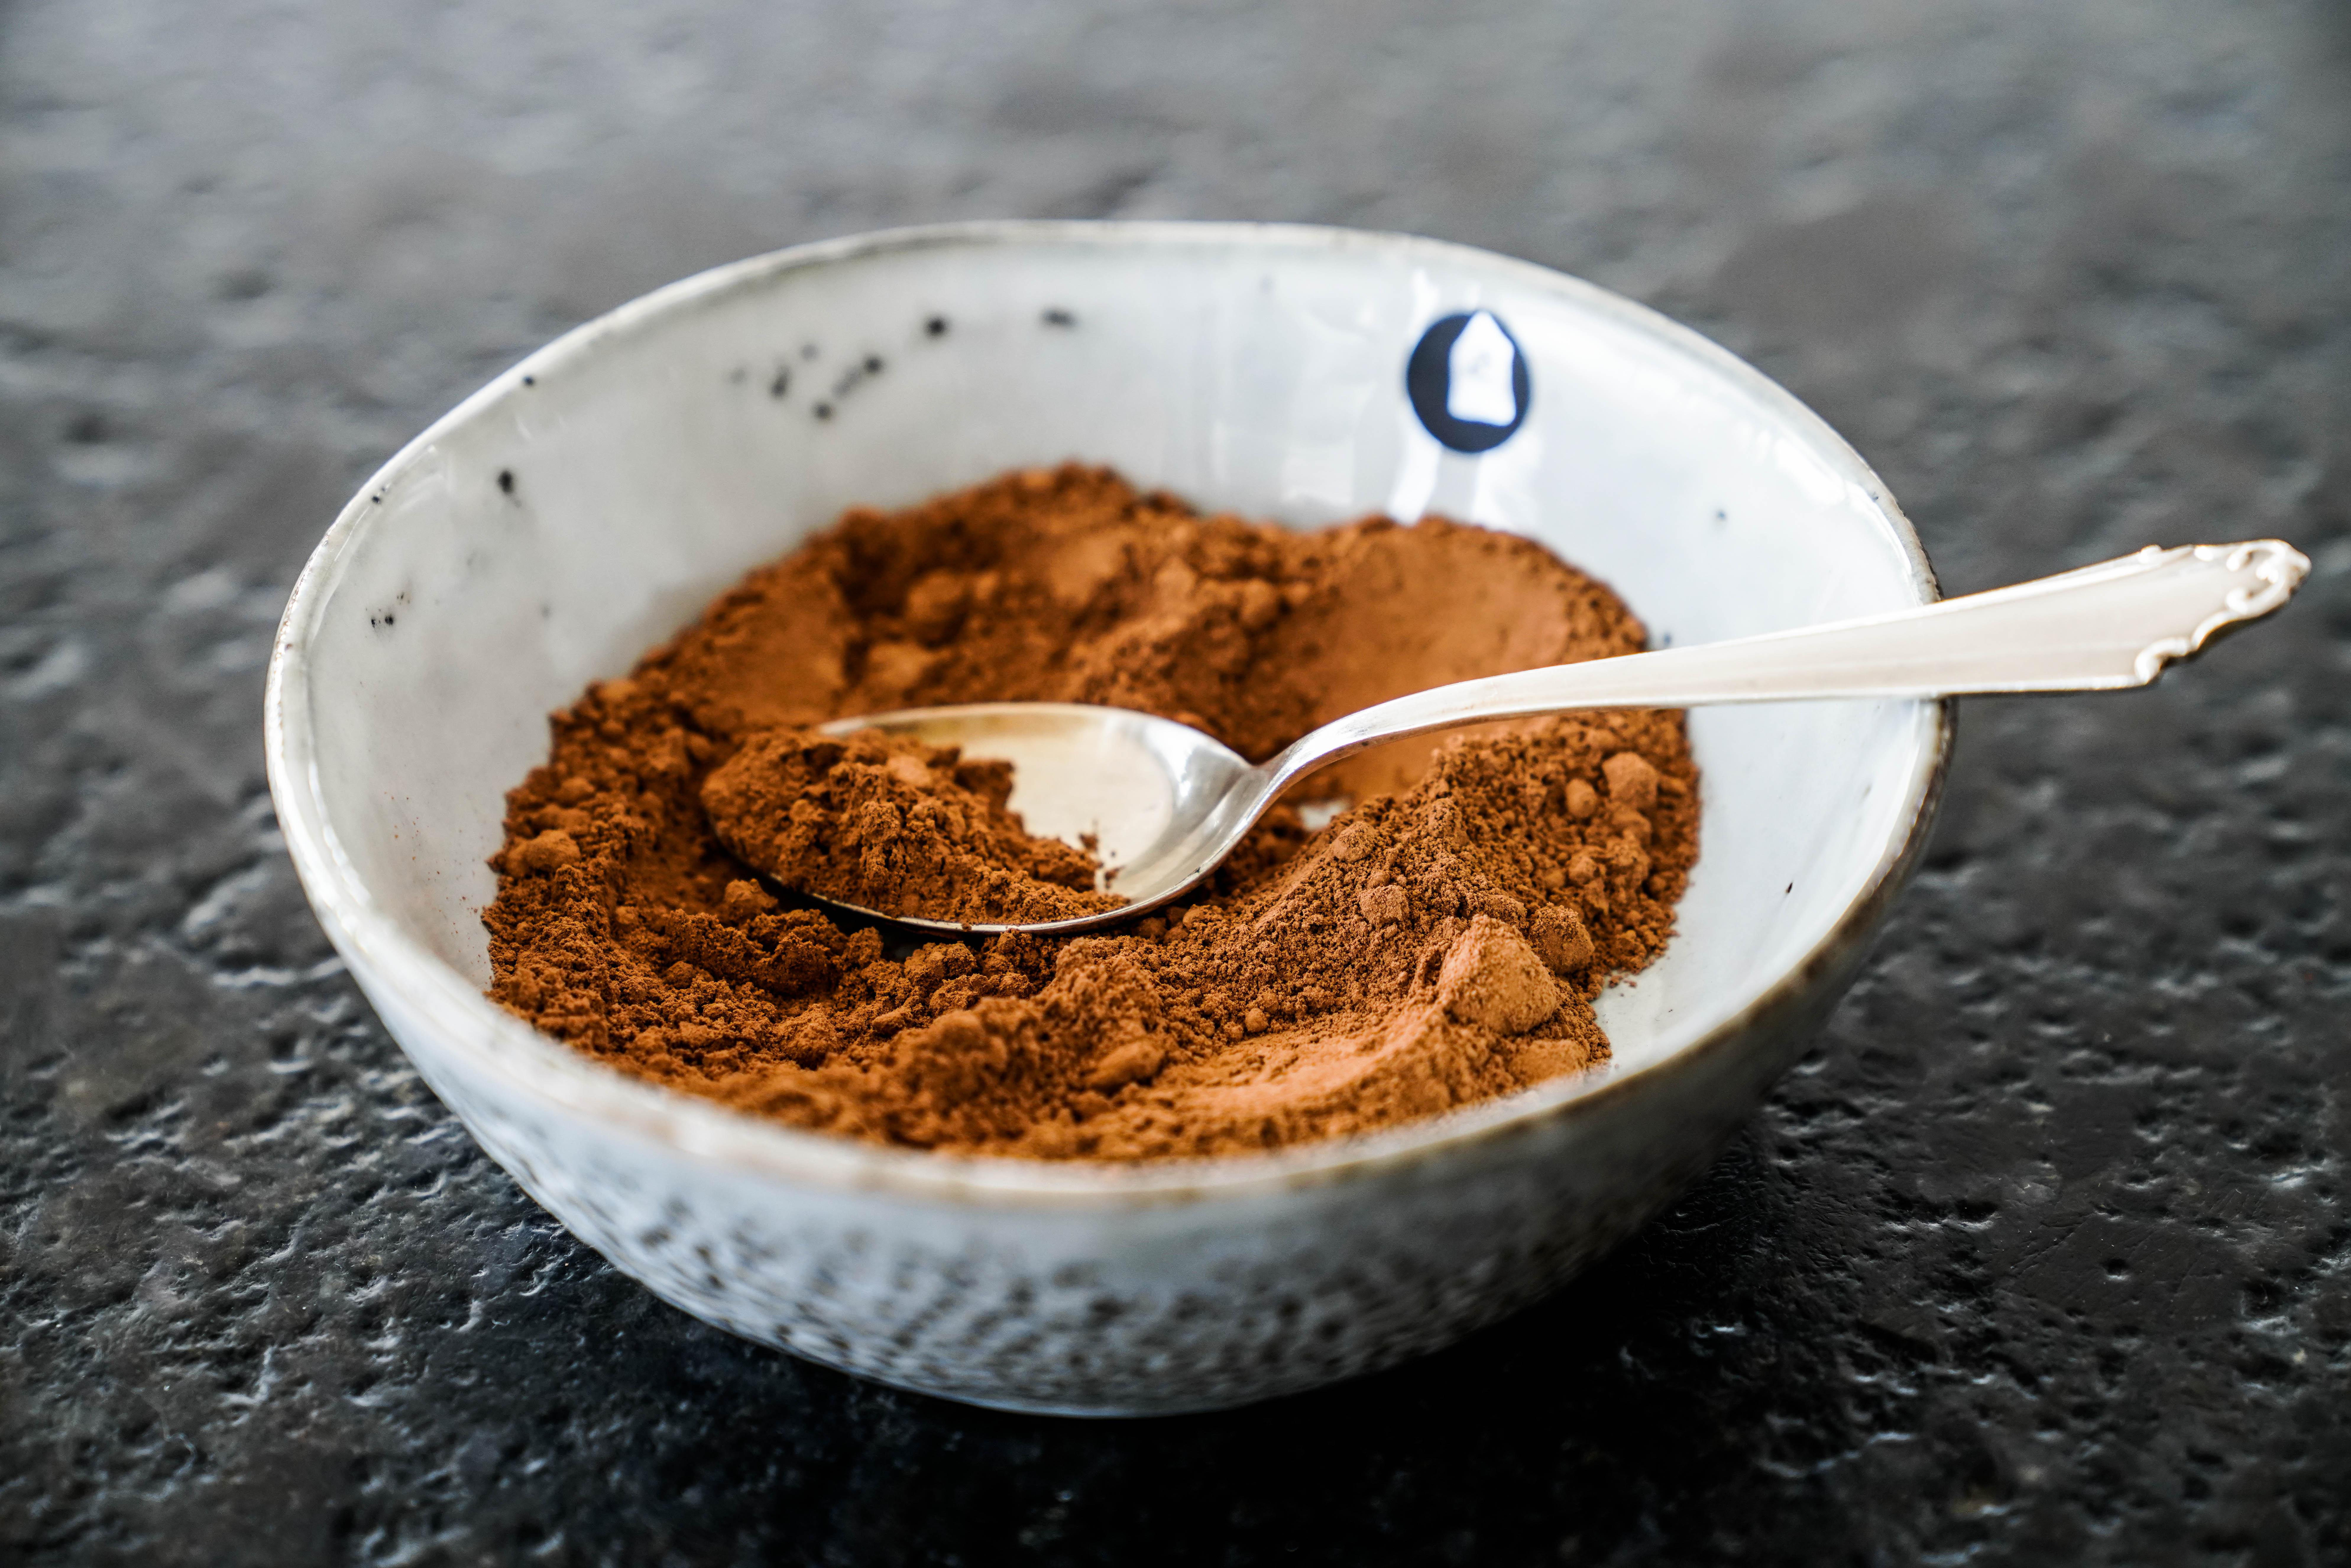 Aufstrich Nutella homemade selbstgemacht vegan Schoko Haselnuss Rohkakaopulver